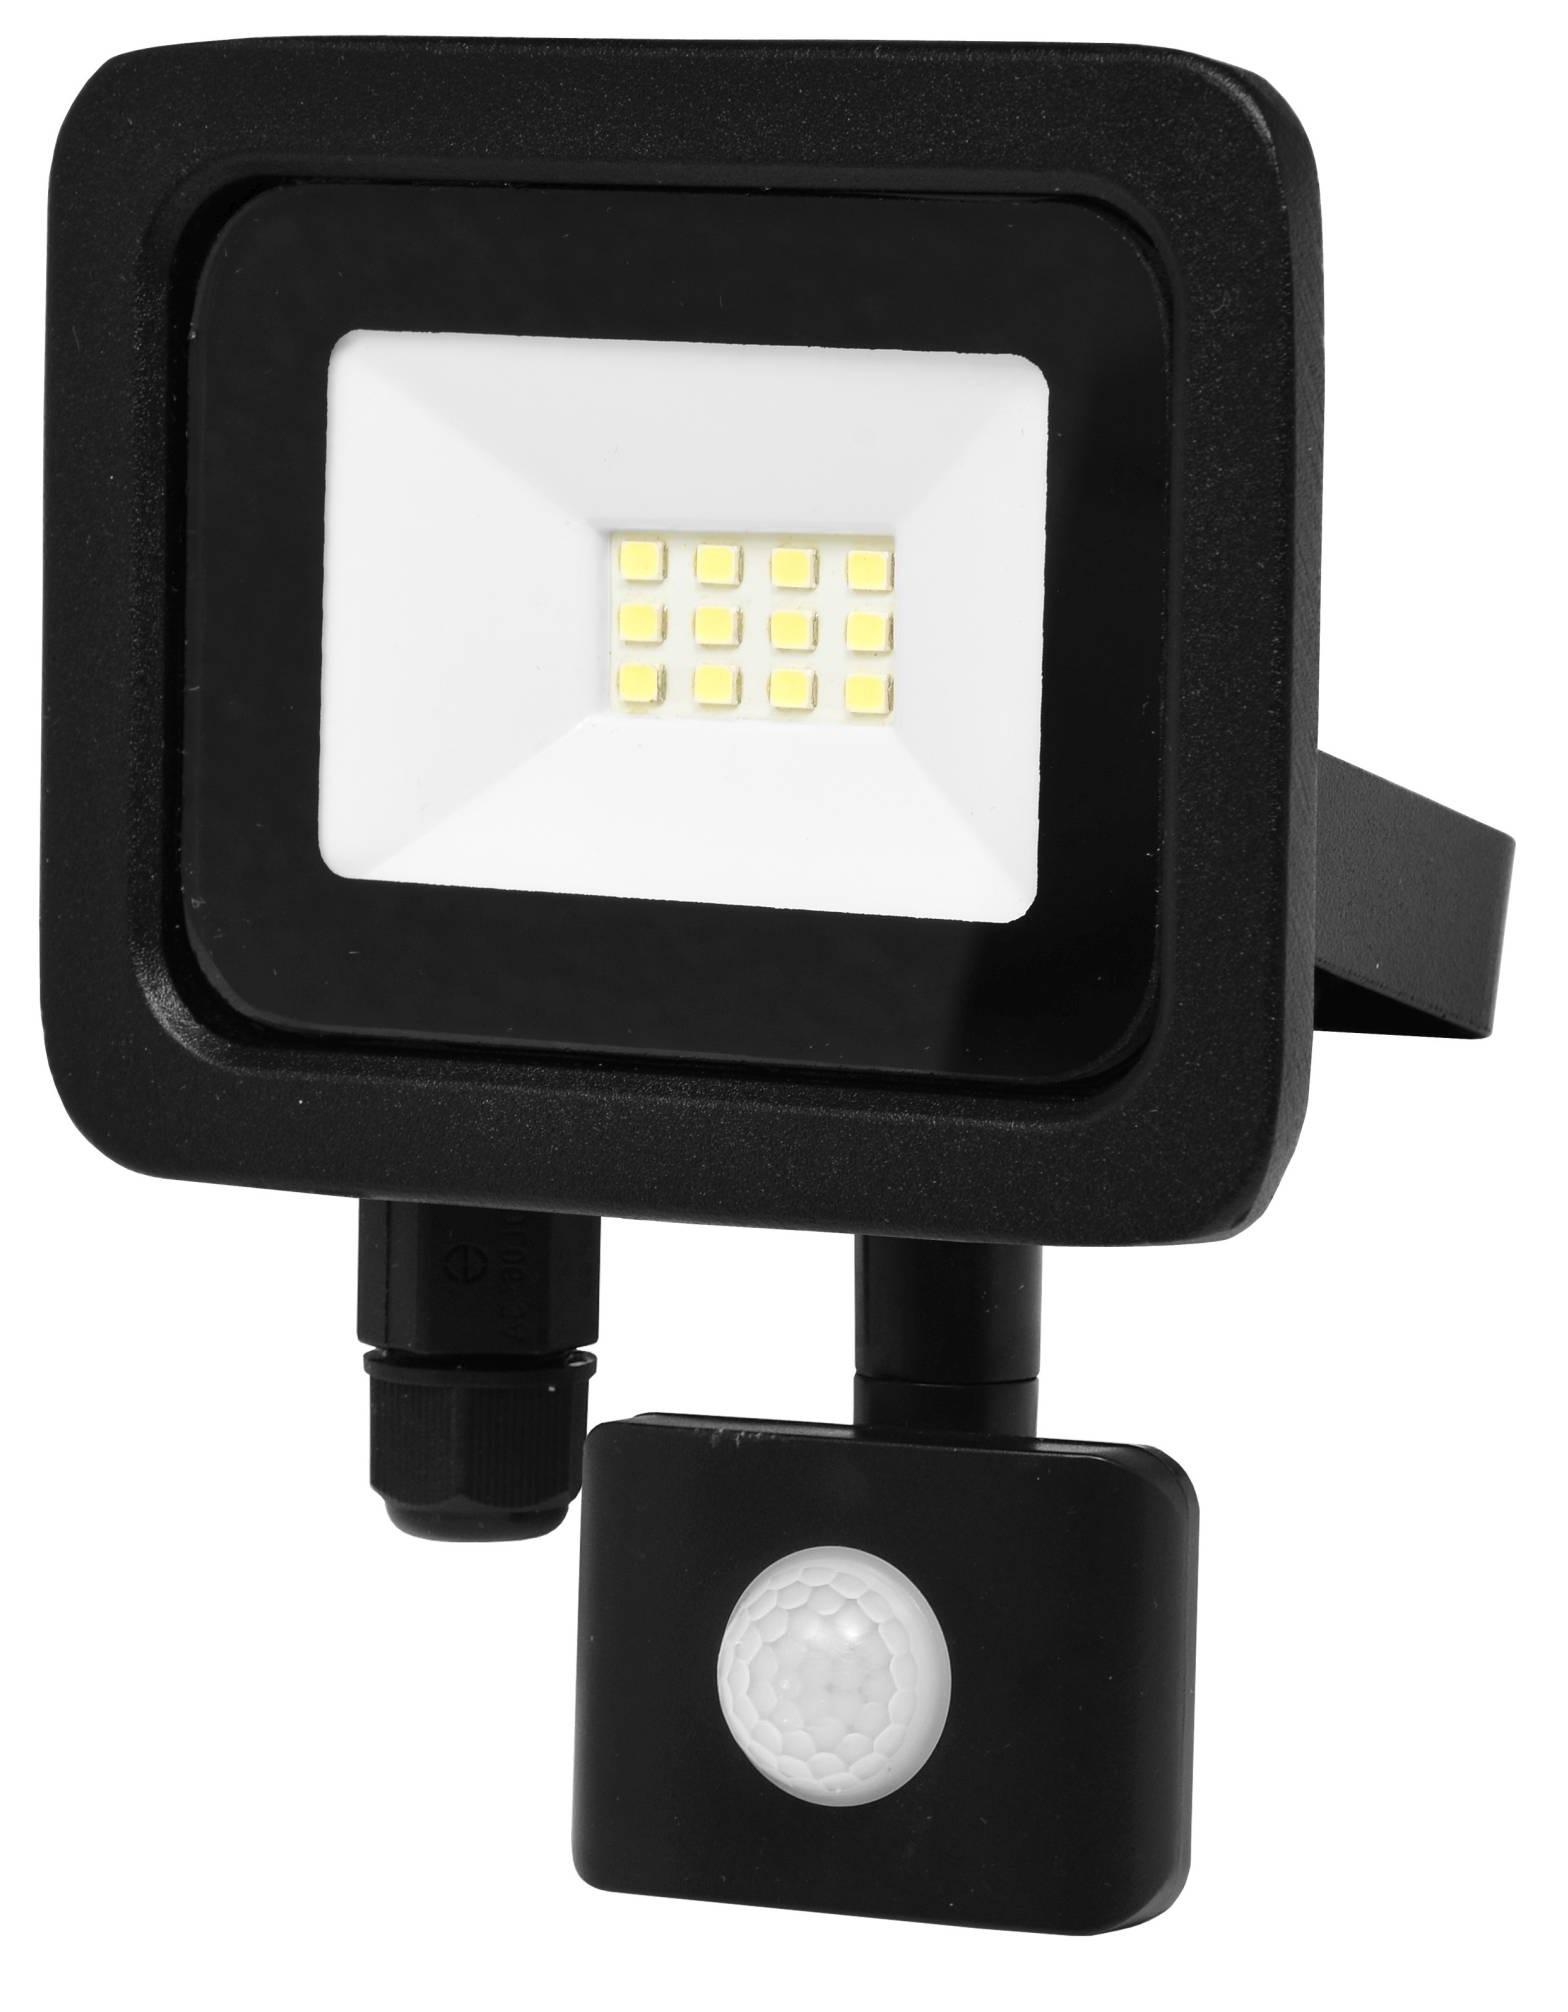 Ecolite Černý LED reflektor 10W s pohybovým čidlem RLED48WL-10W/PIR